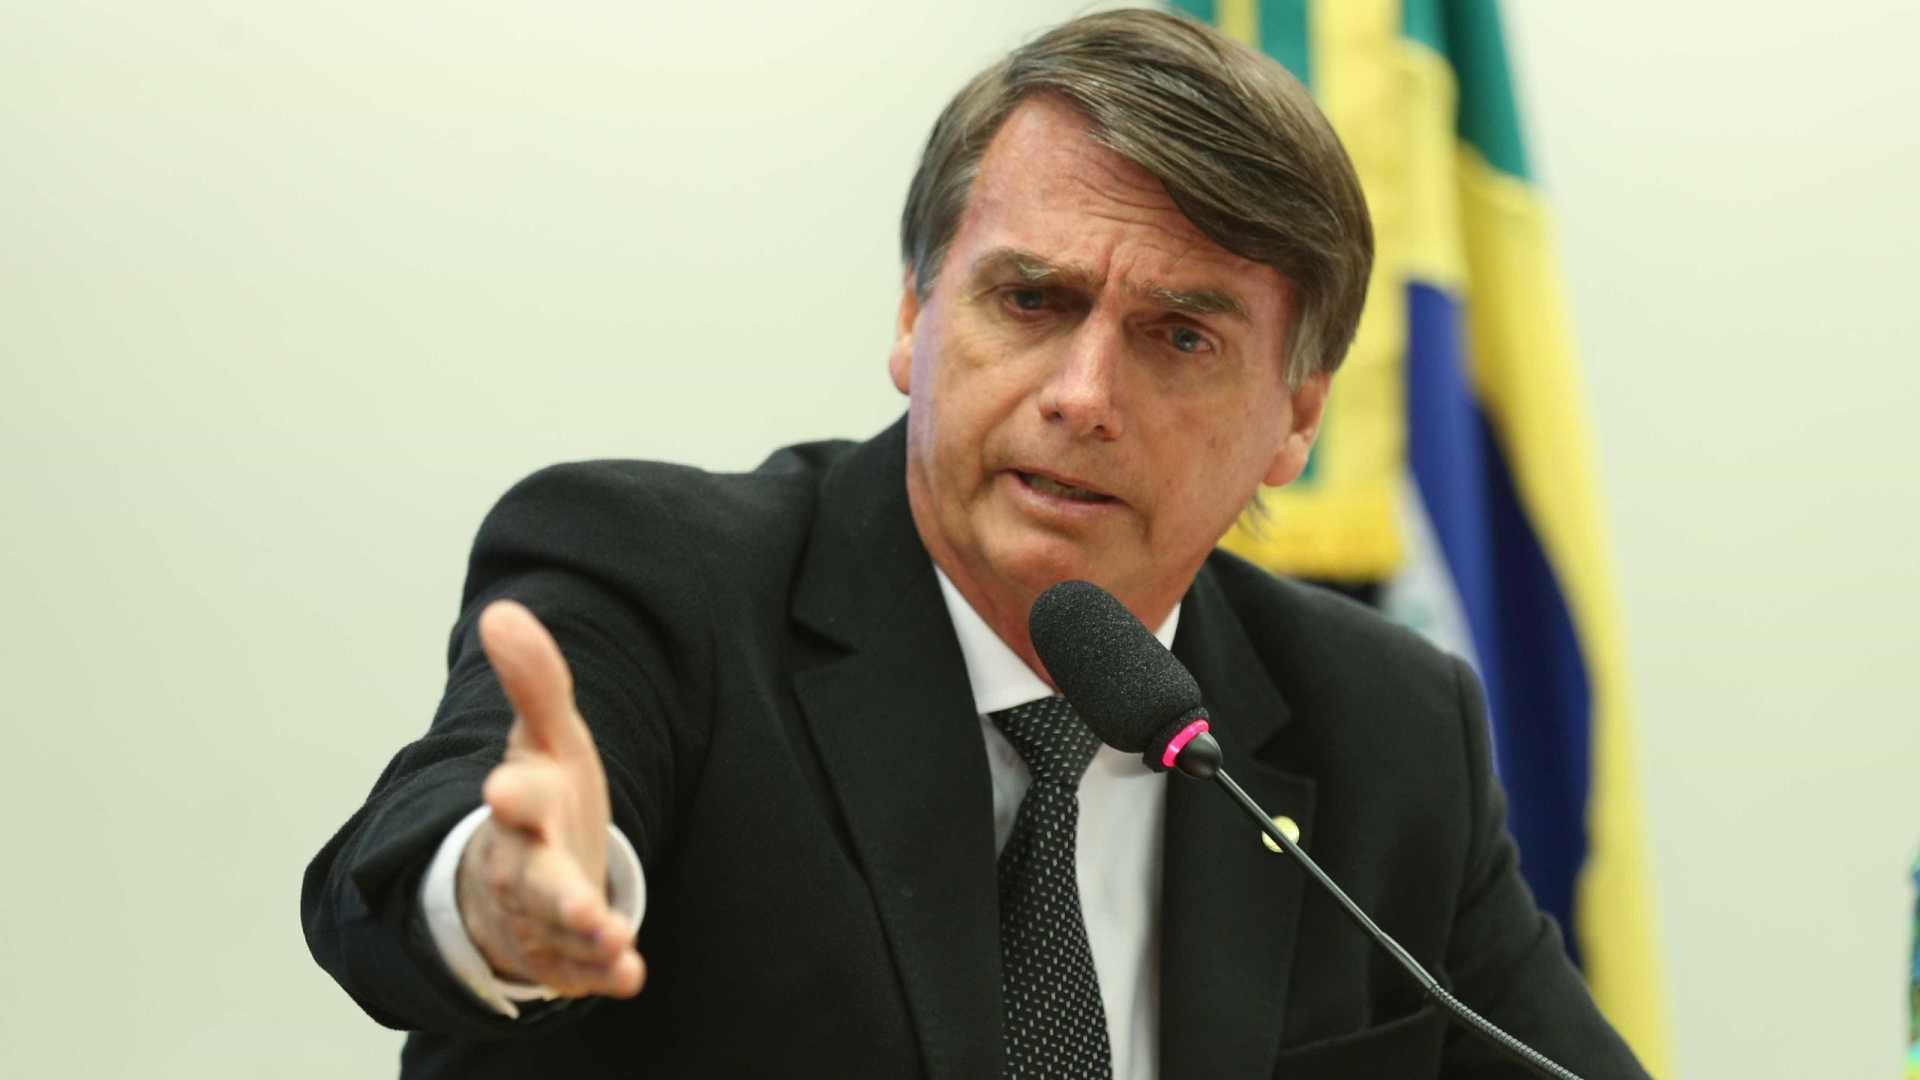 naom 5824da44476d3 1 - Objetivo é fazer Brasil como 'era a 40, 50 anos atrás', diz Bolsonaro